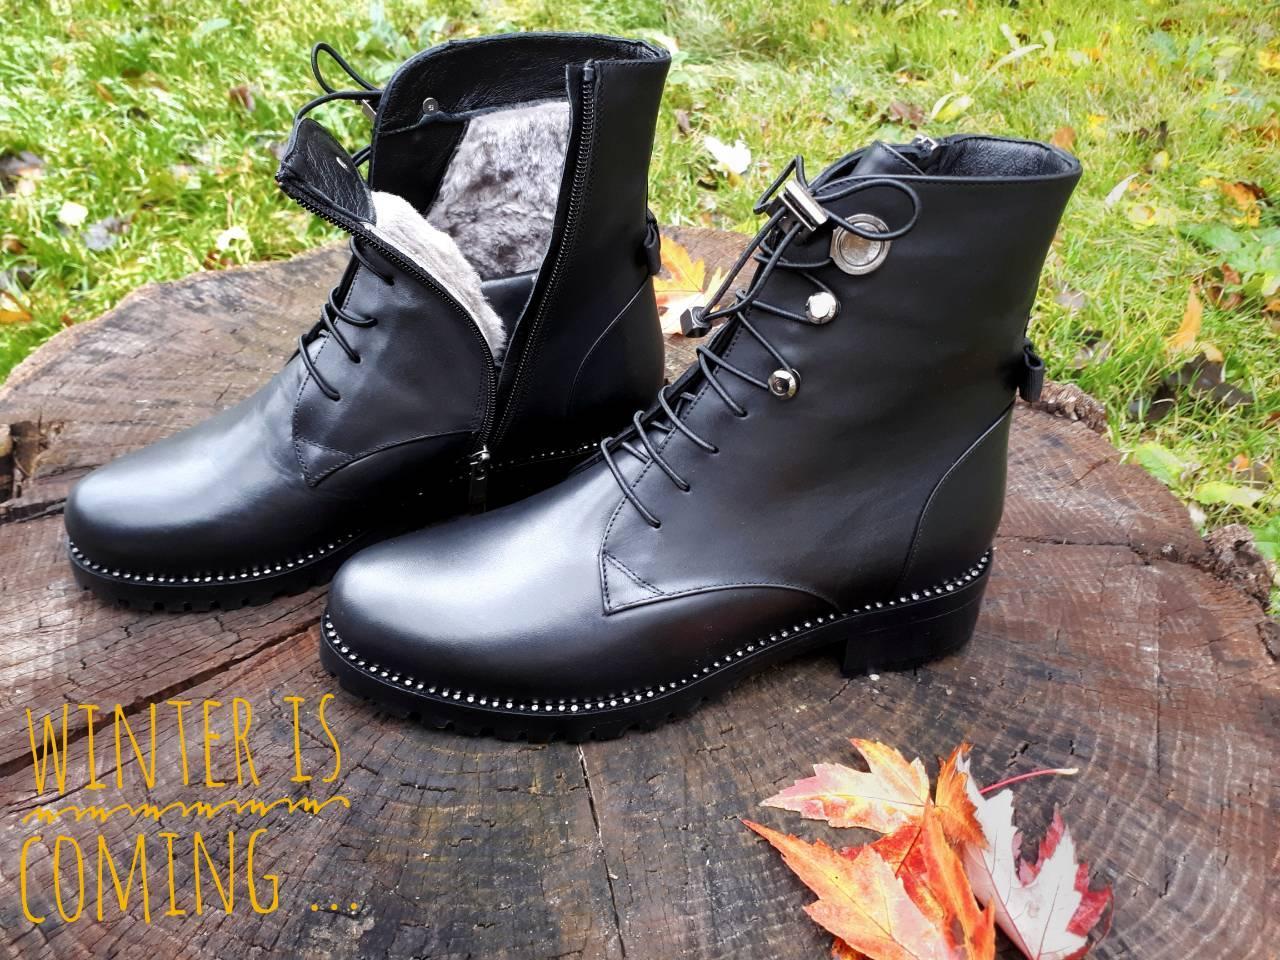 275a644b9 Ботинки женские зима на шнуровке кожаные с мехом на низком каблуке Tucino